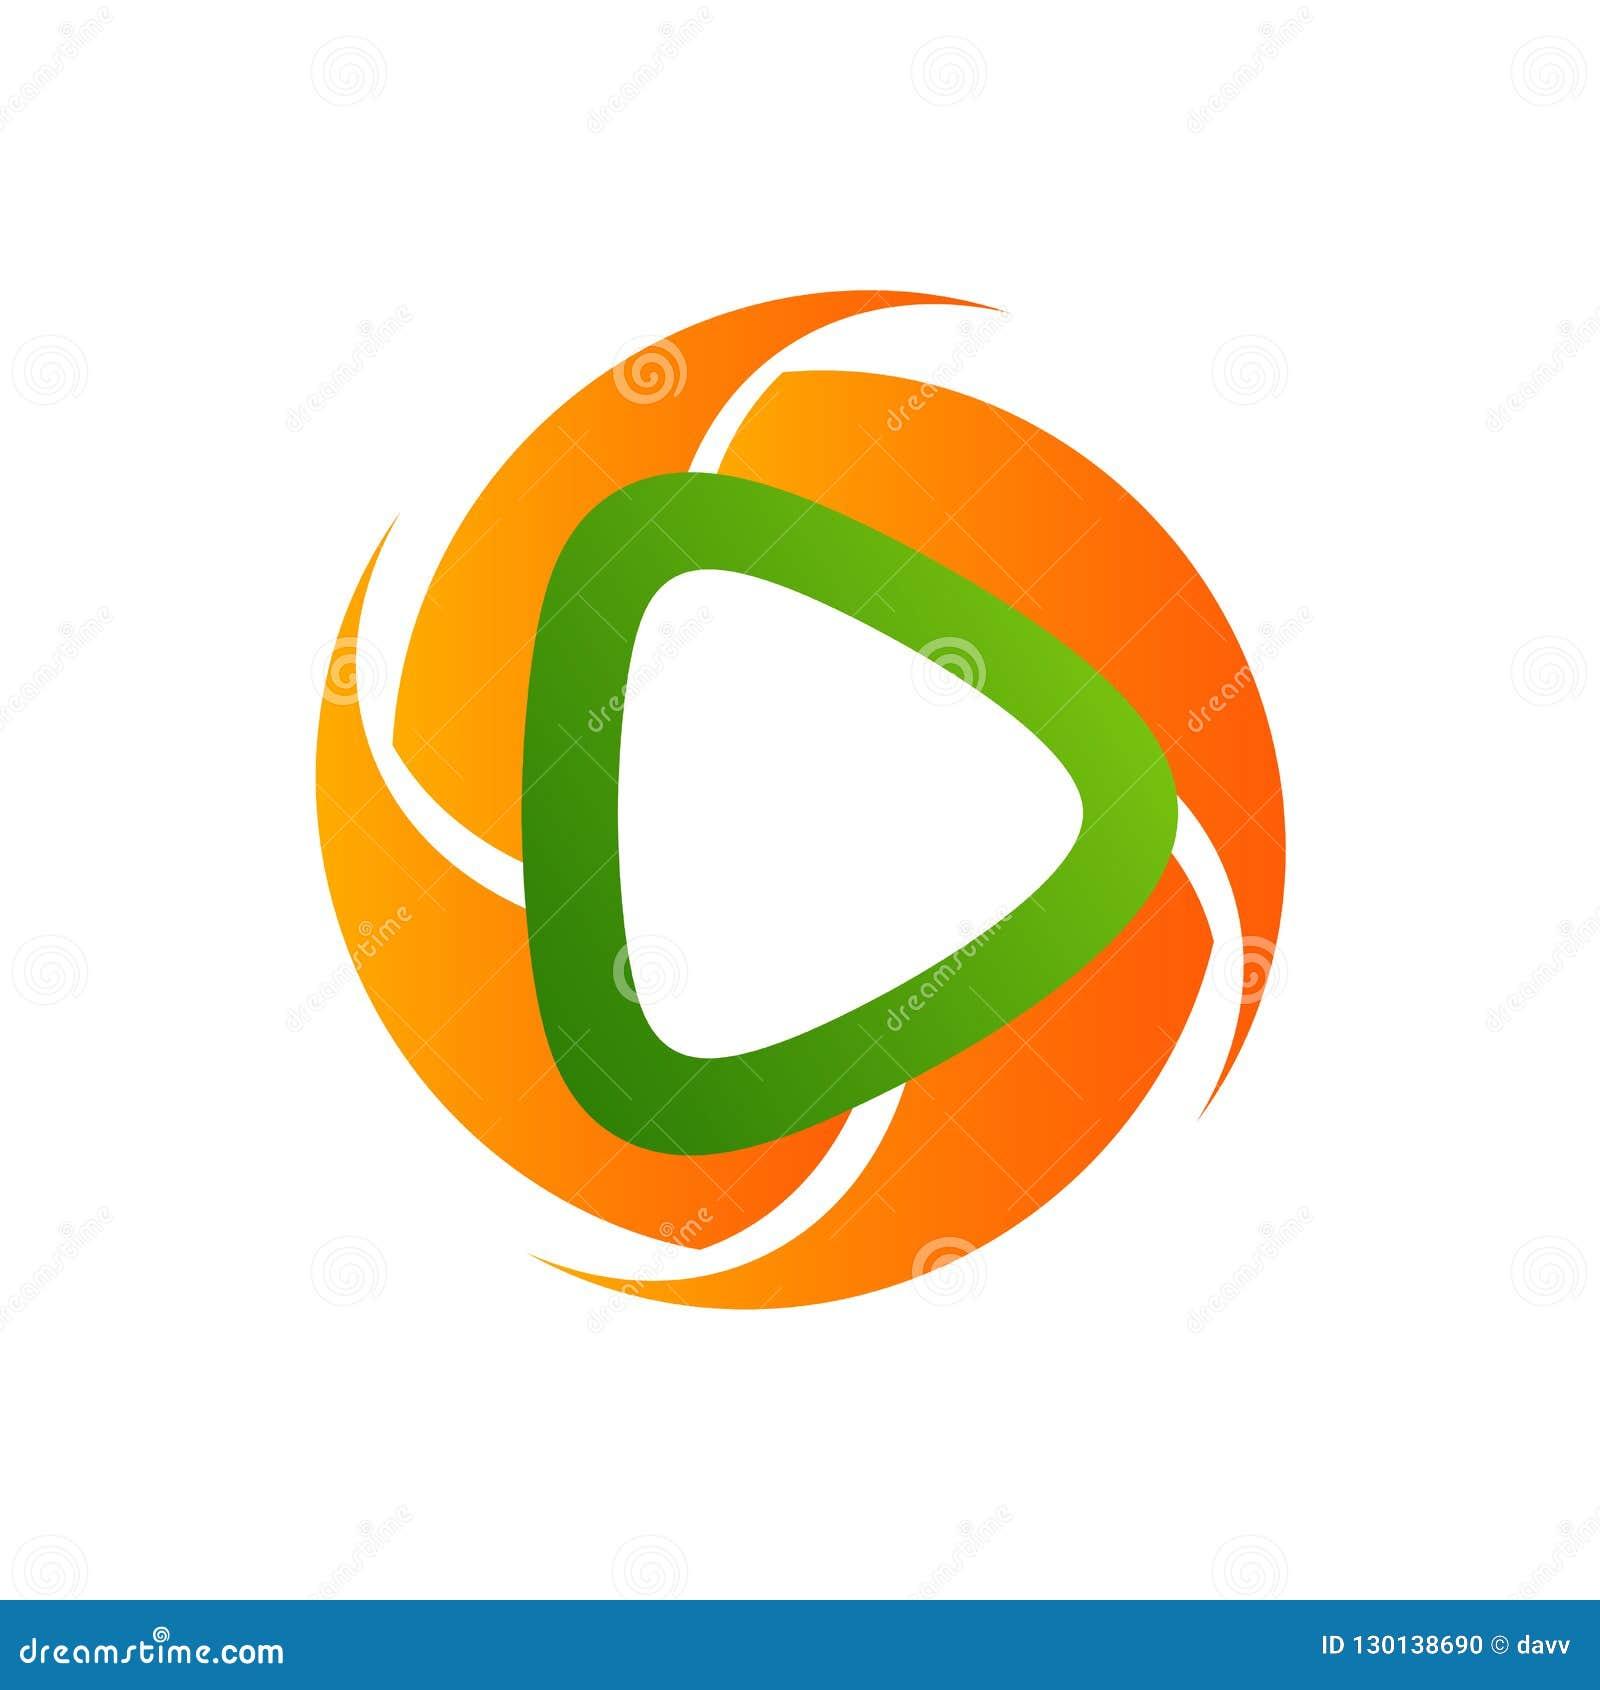 Plantilla poligonal del logotipo del icono del reproductor multimedia del círculo